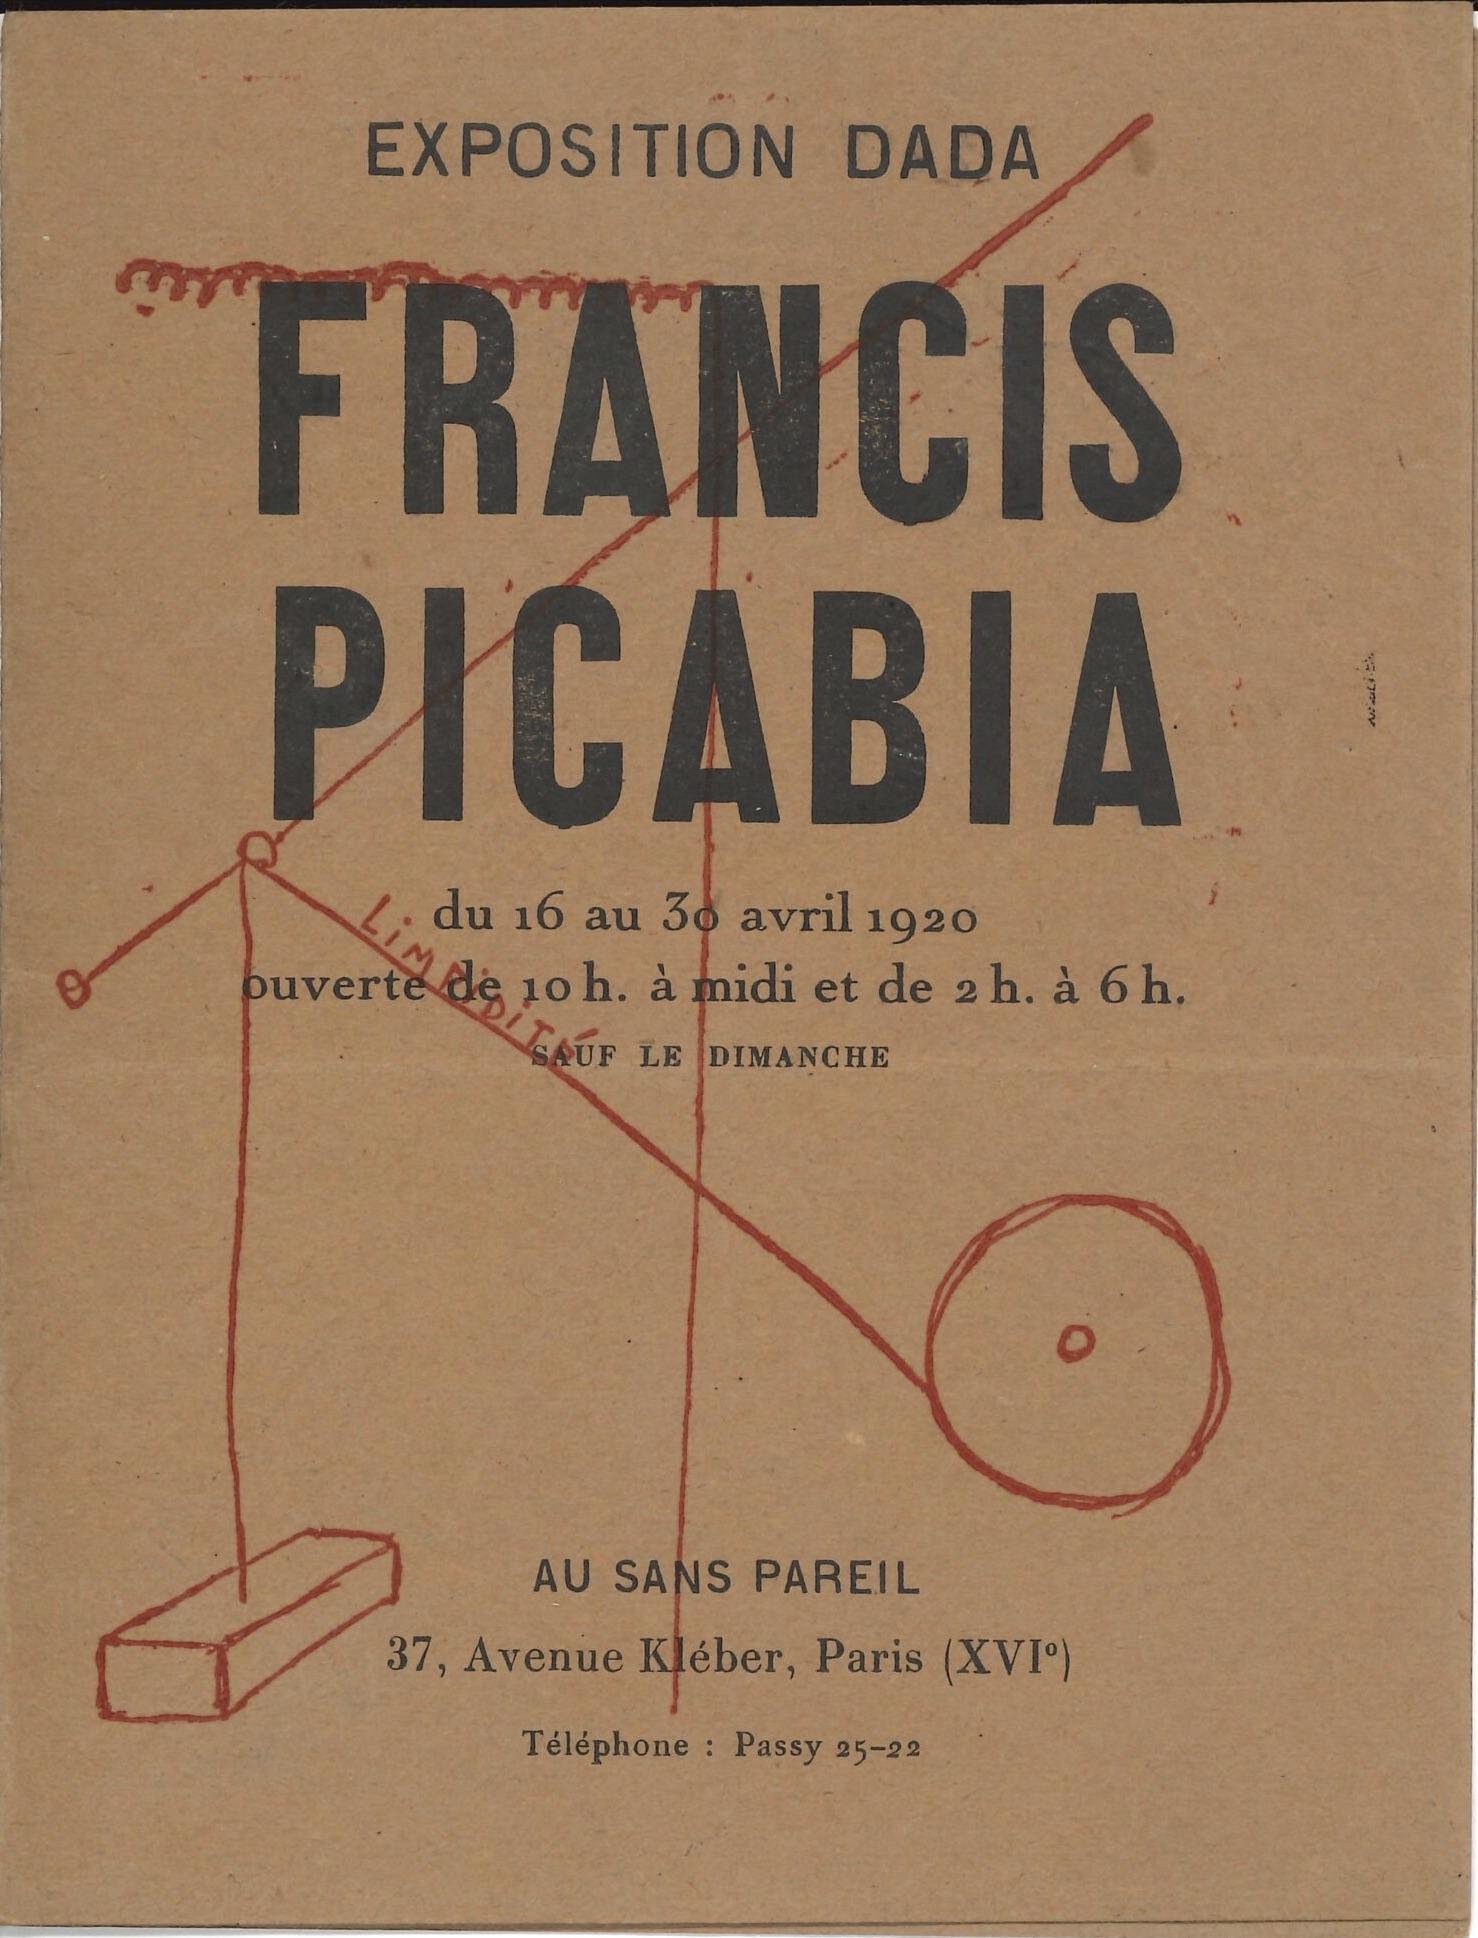 """Francis Picabia """"Exposition DADA"""", 1920 (Invitation) Archiv der Avantgarden, Staatliche Kunstsammlungen Dresden © VG Bild-Kunst, Bonn"""